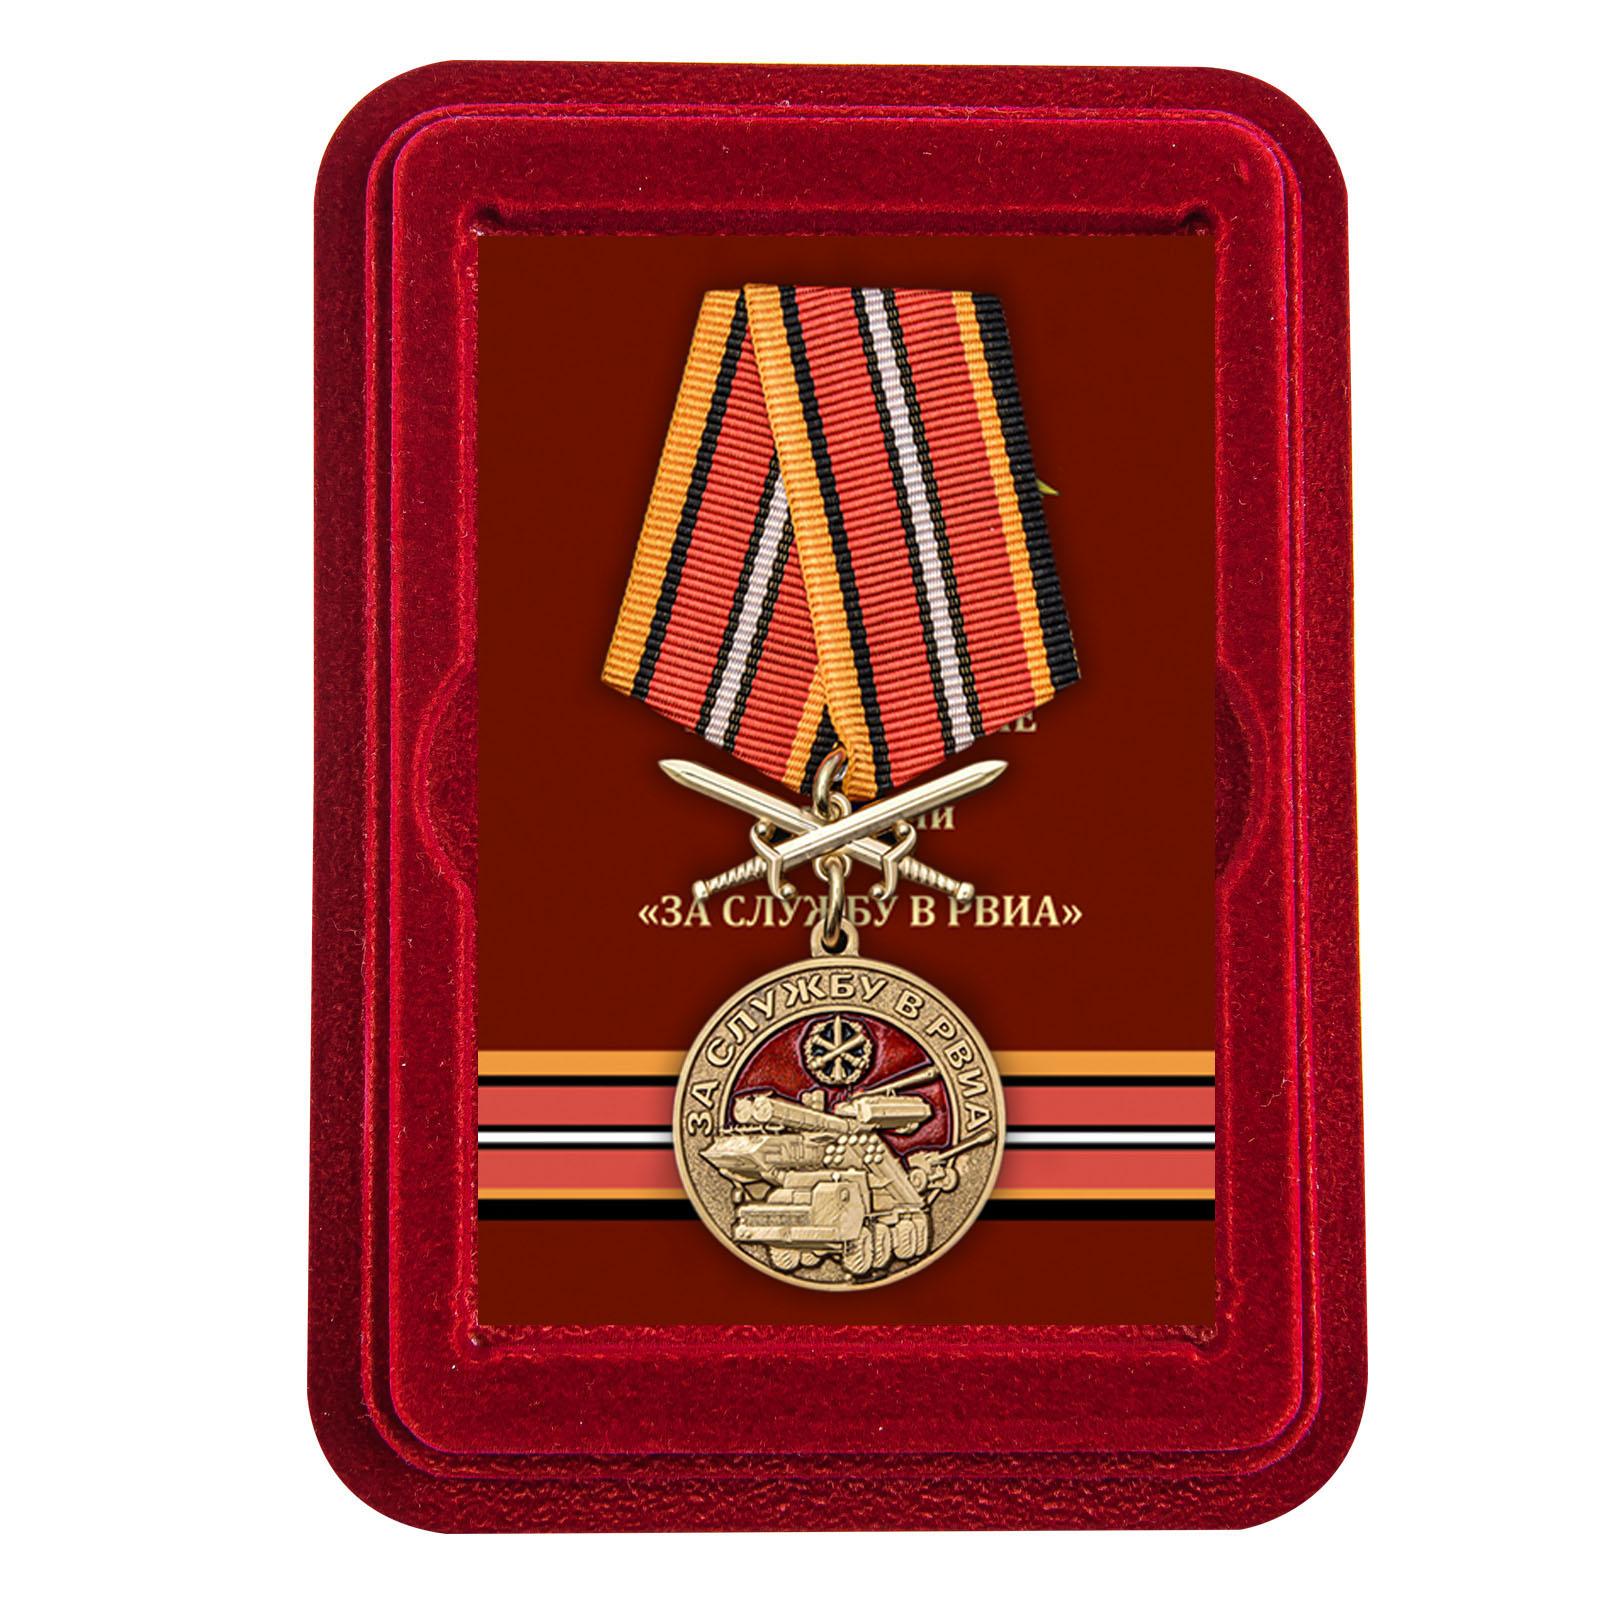 Купить медаль За службу в РВиА по экономичной цене